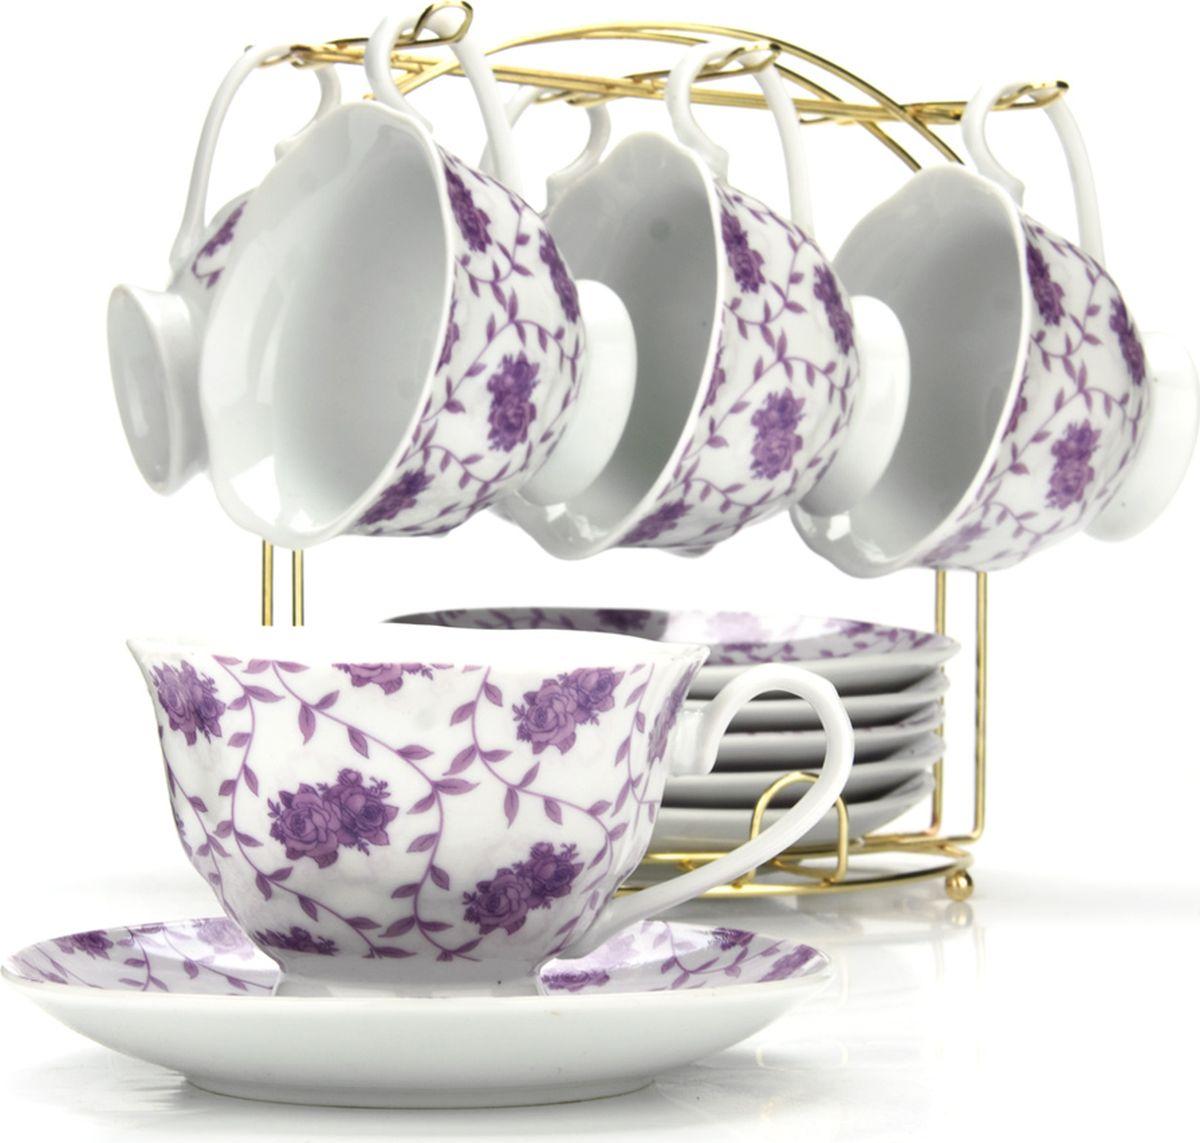 Сервиз чайный Loraine, на подставке, 13 предметов. 43293 сервиз чайный loraine на подставке 13 предметов 43294